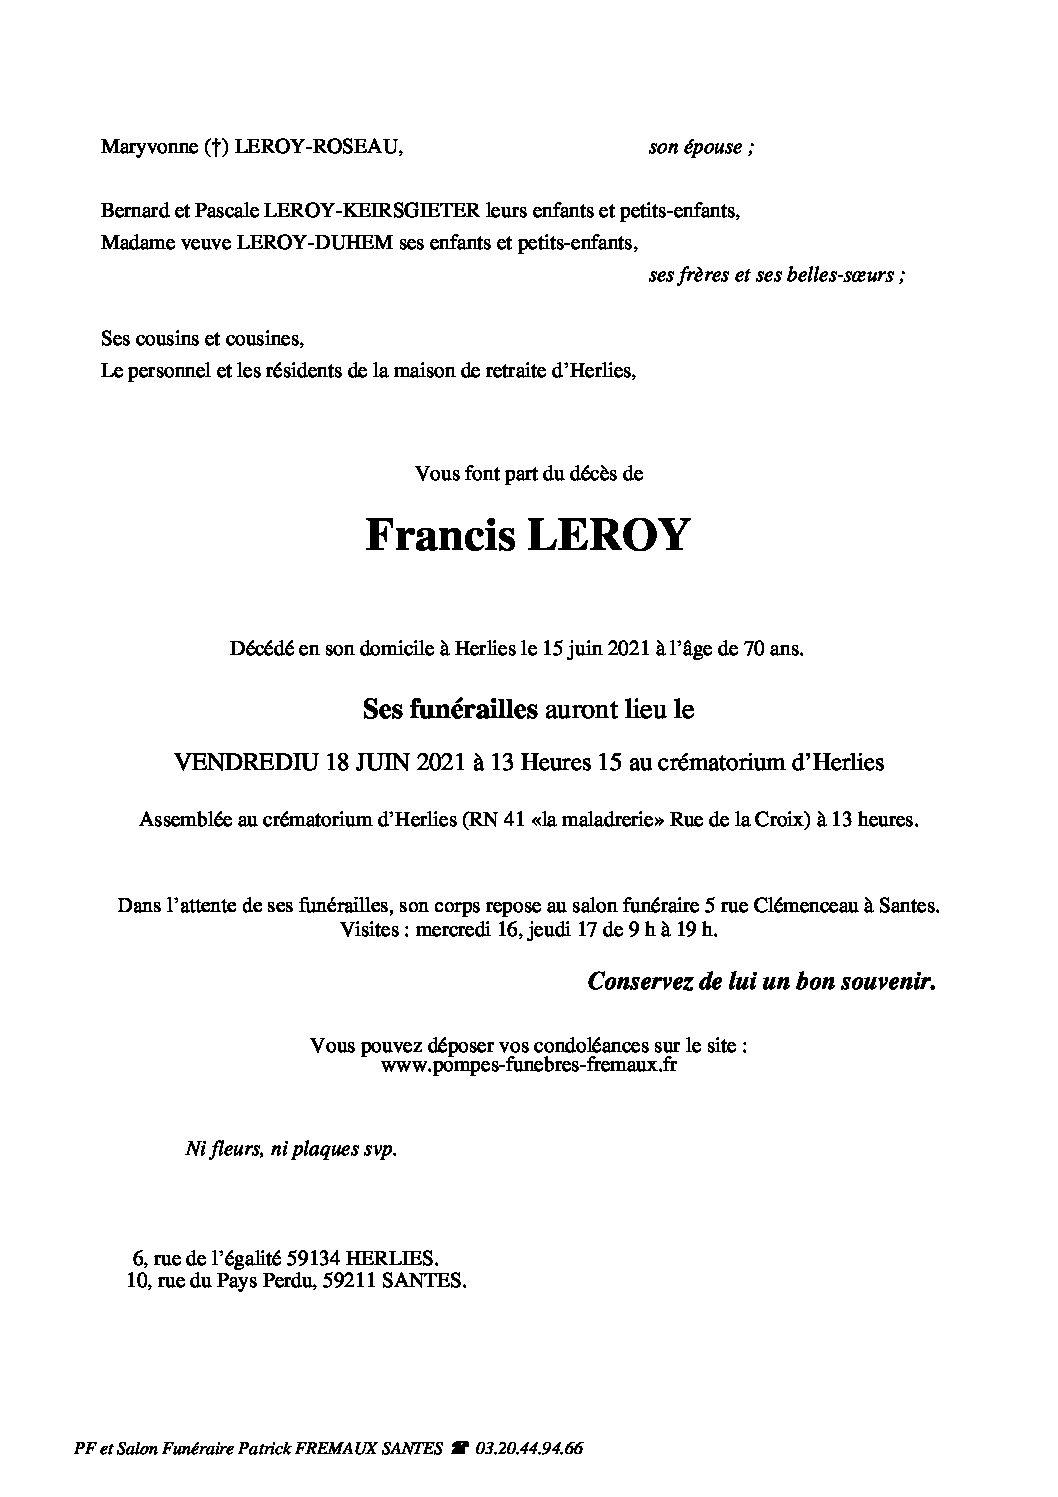 Monsieur Francis LEROY